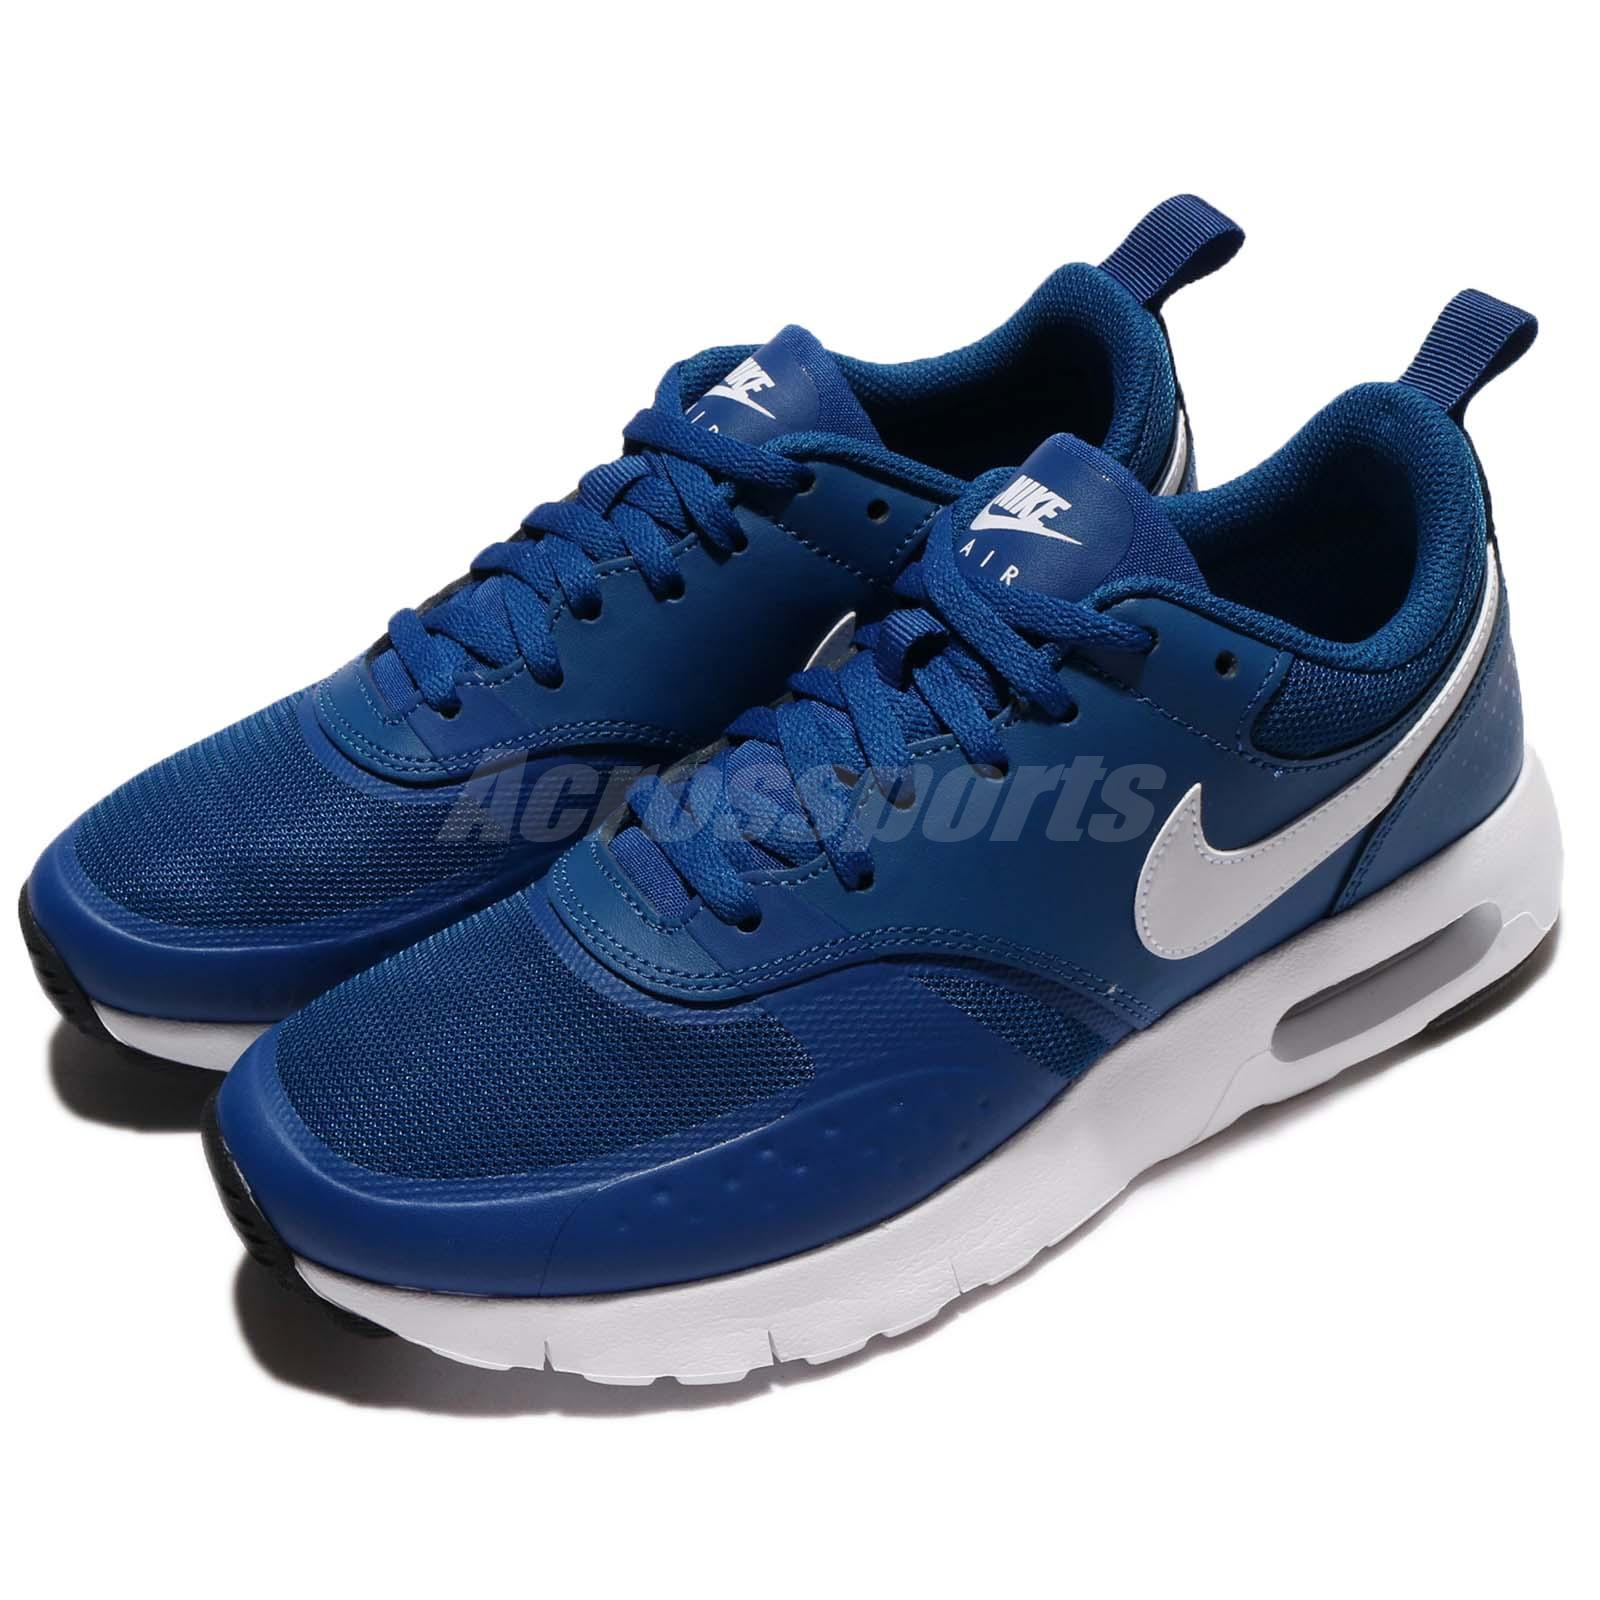 Gym Shoe Nike Amazon